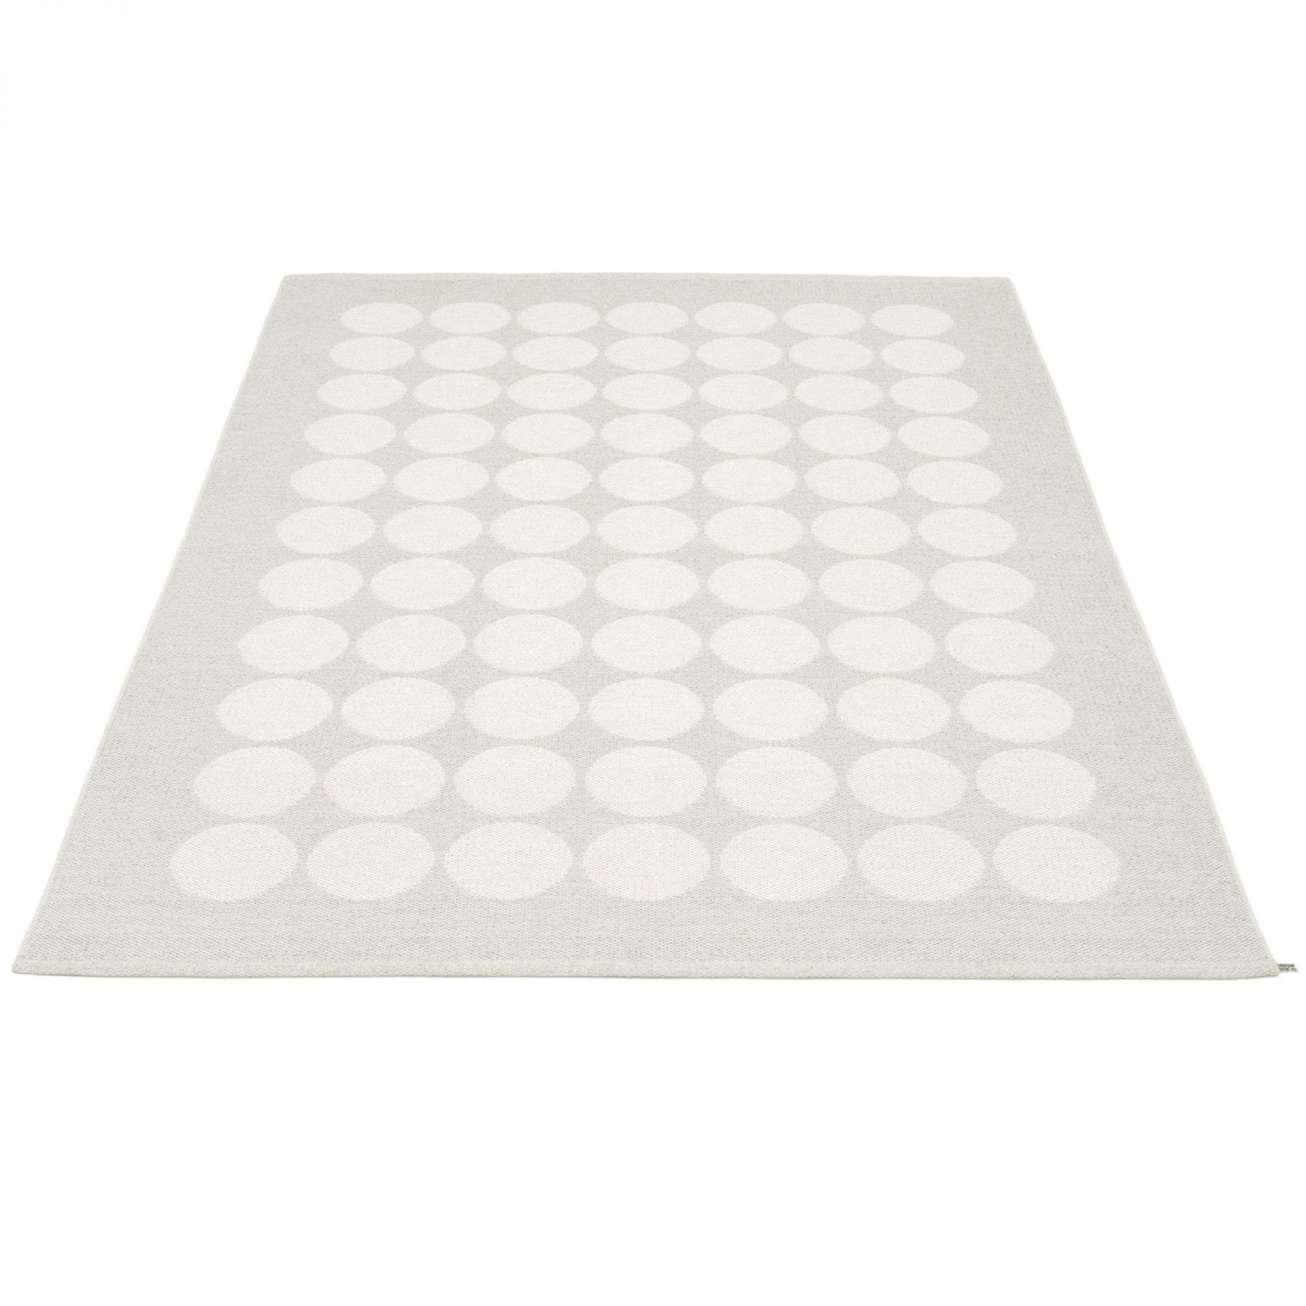 Pappelina Teppe Hugo White Met./fossil Grey 180×260 Cm (huoa1826) Hagemøbler og utemøbler - Fine design